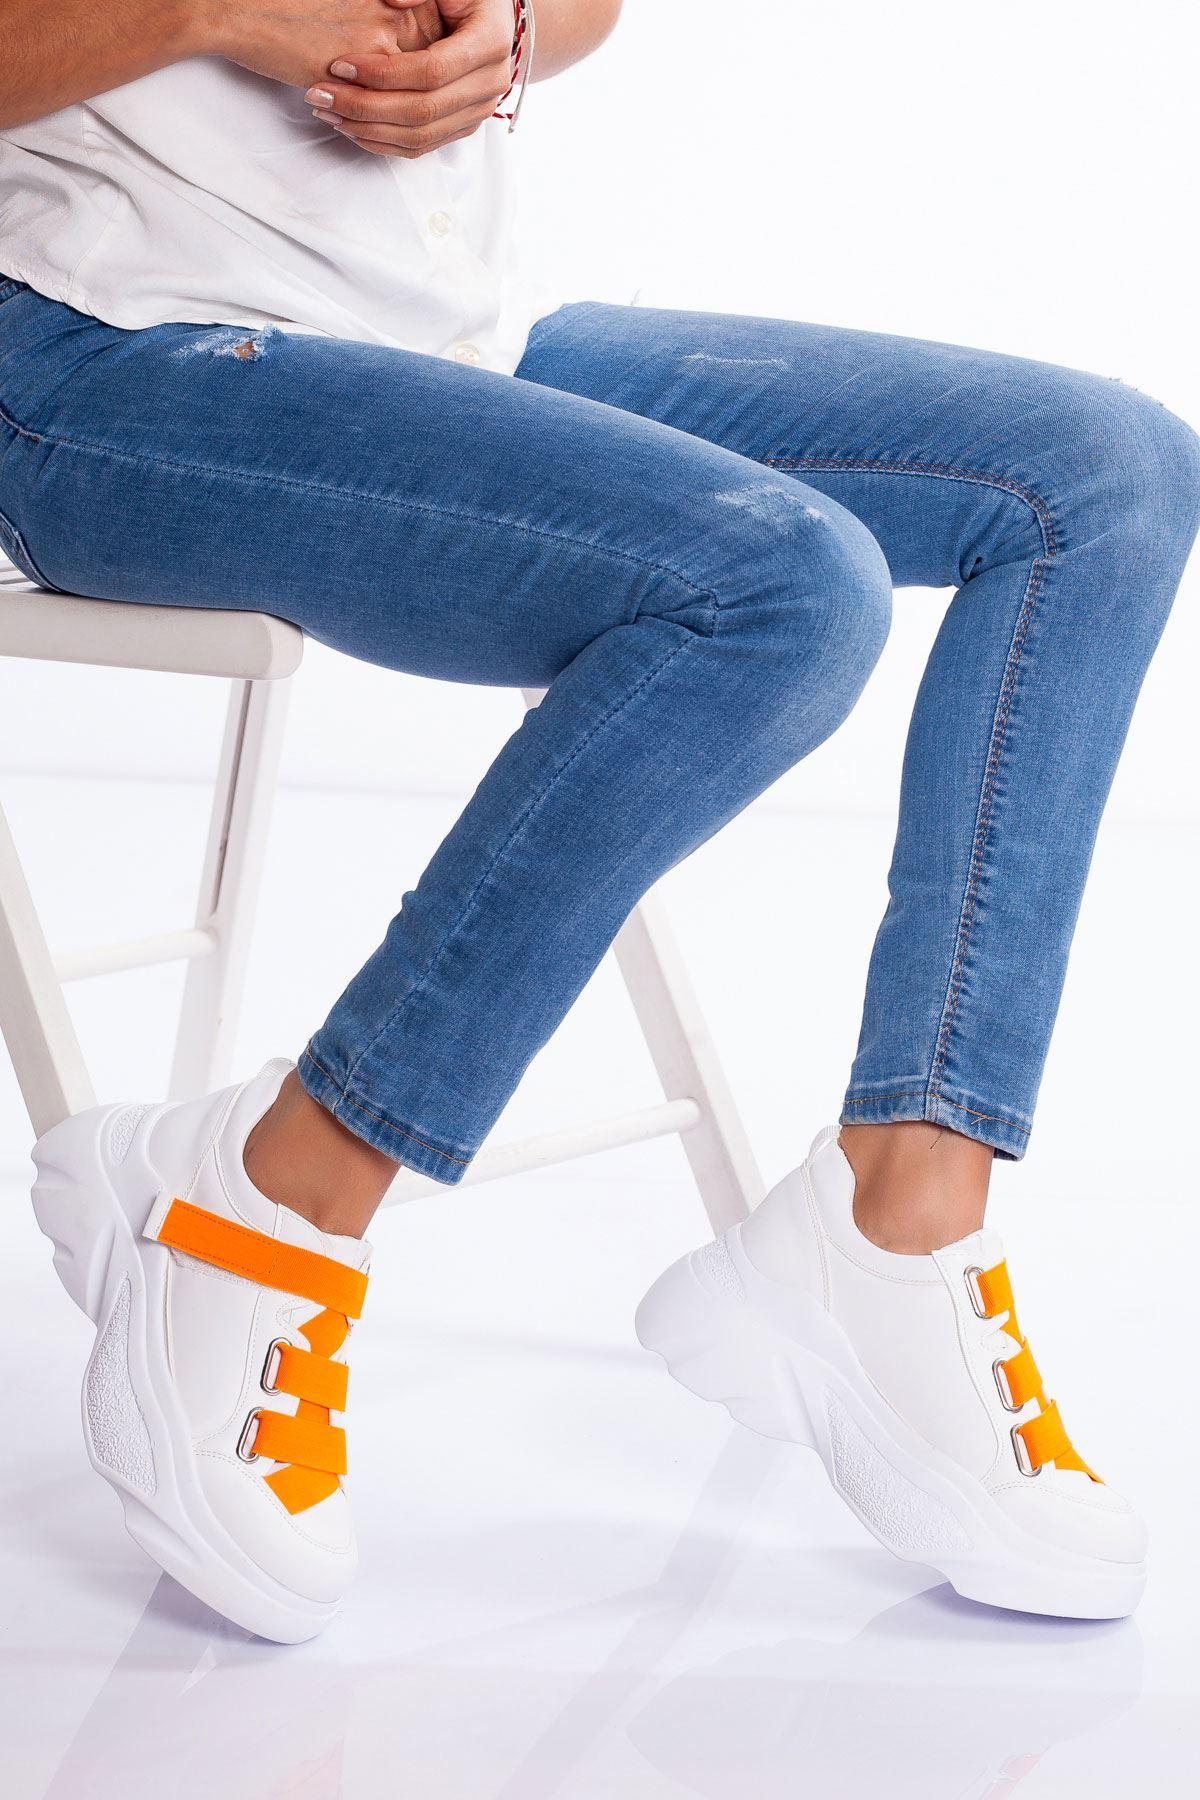 Mita Spor Ayakkabı BEYAZ-TURUNCU